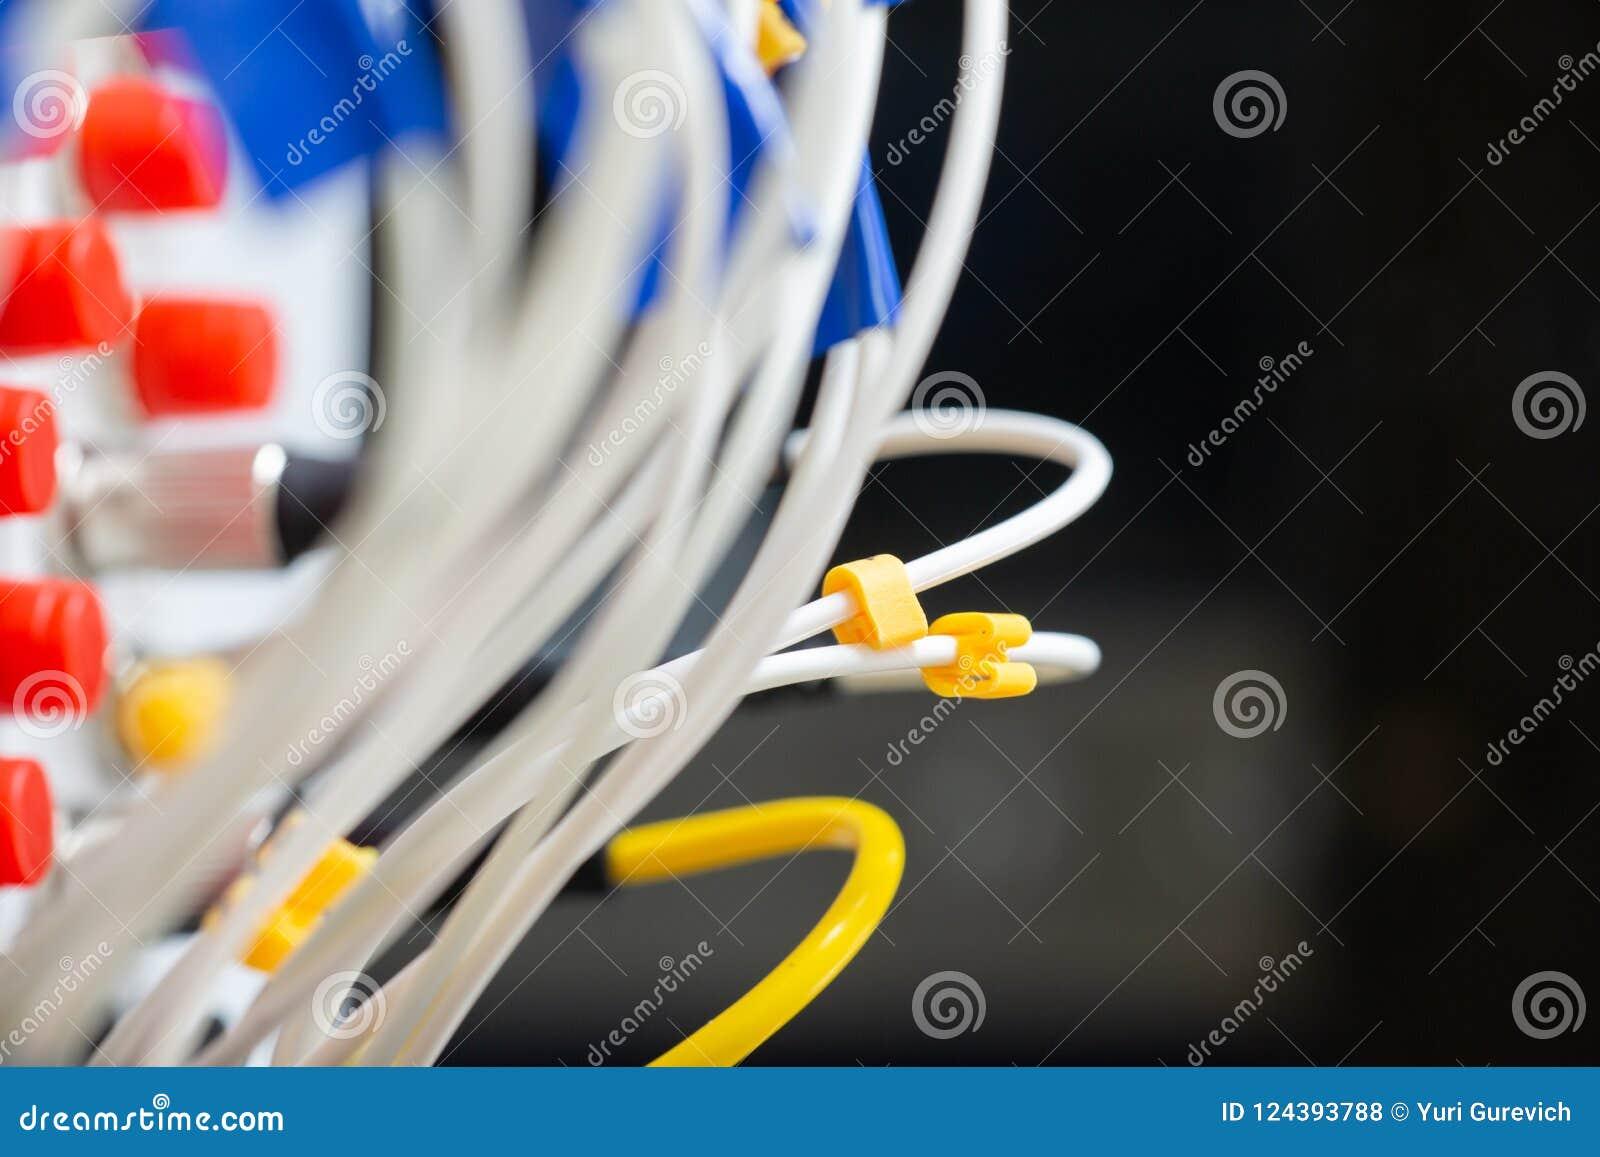 Schnittstelle optischer Zusammenfassung Telekommunikation der Lochkartengeräte verwischte Bild für Gebrauch als Hintergrund